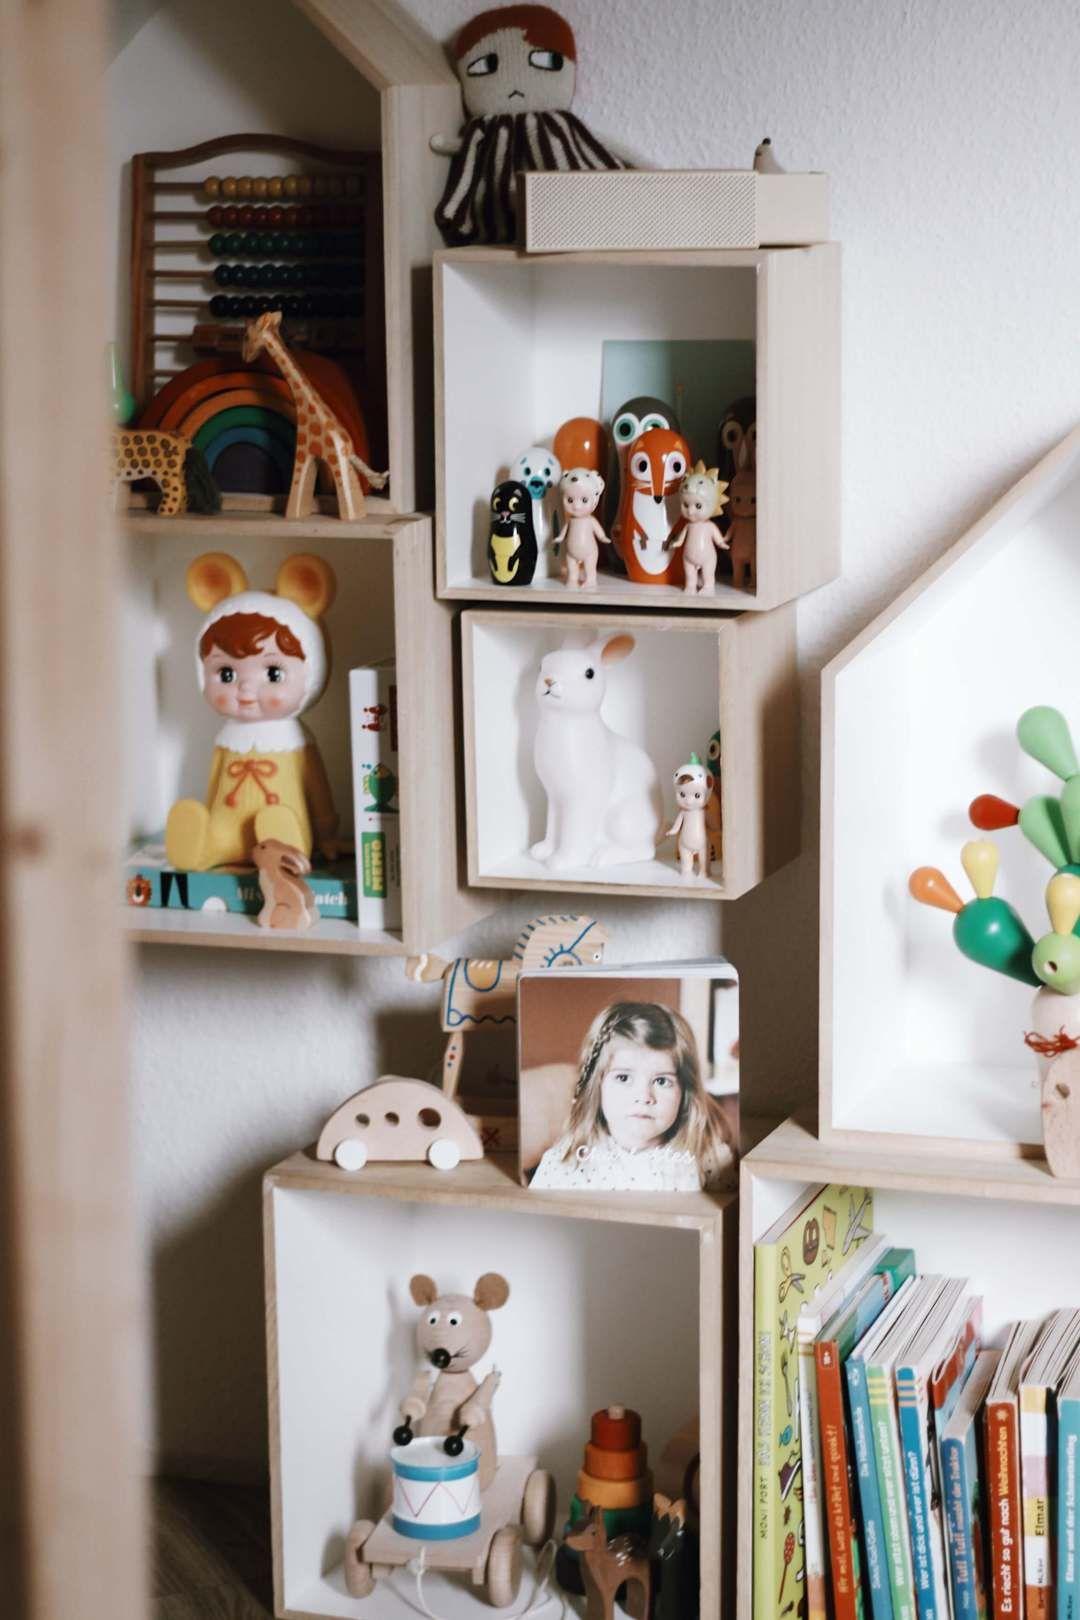 Kinderzimmer Tour bei Mamigurumi Kinder zimmer